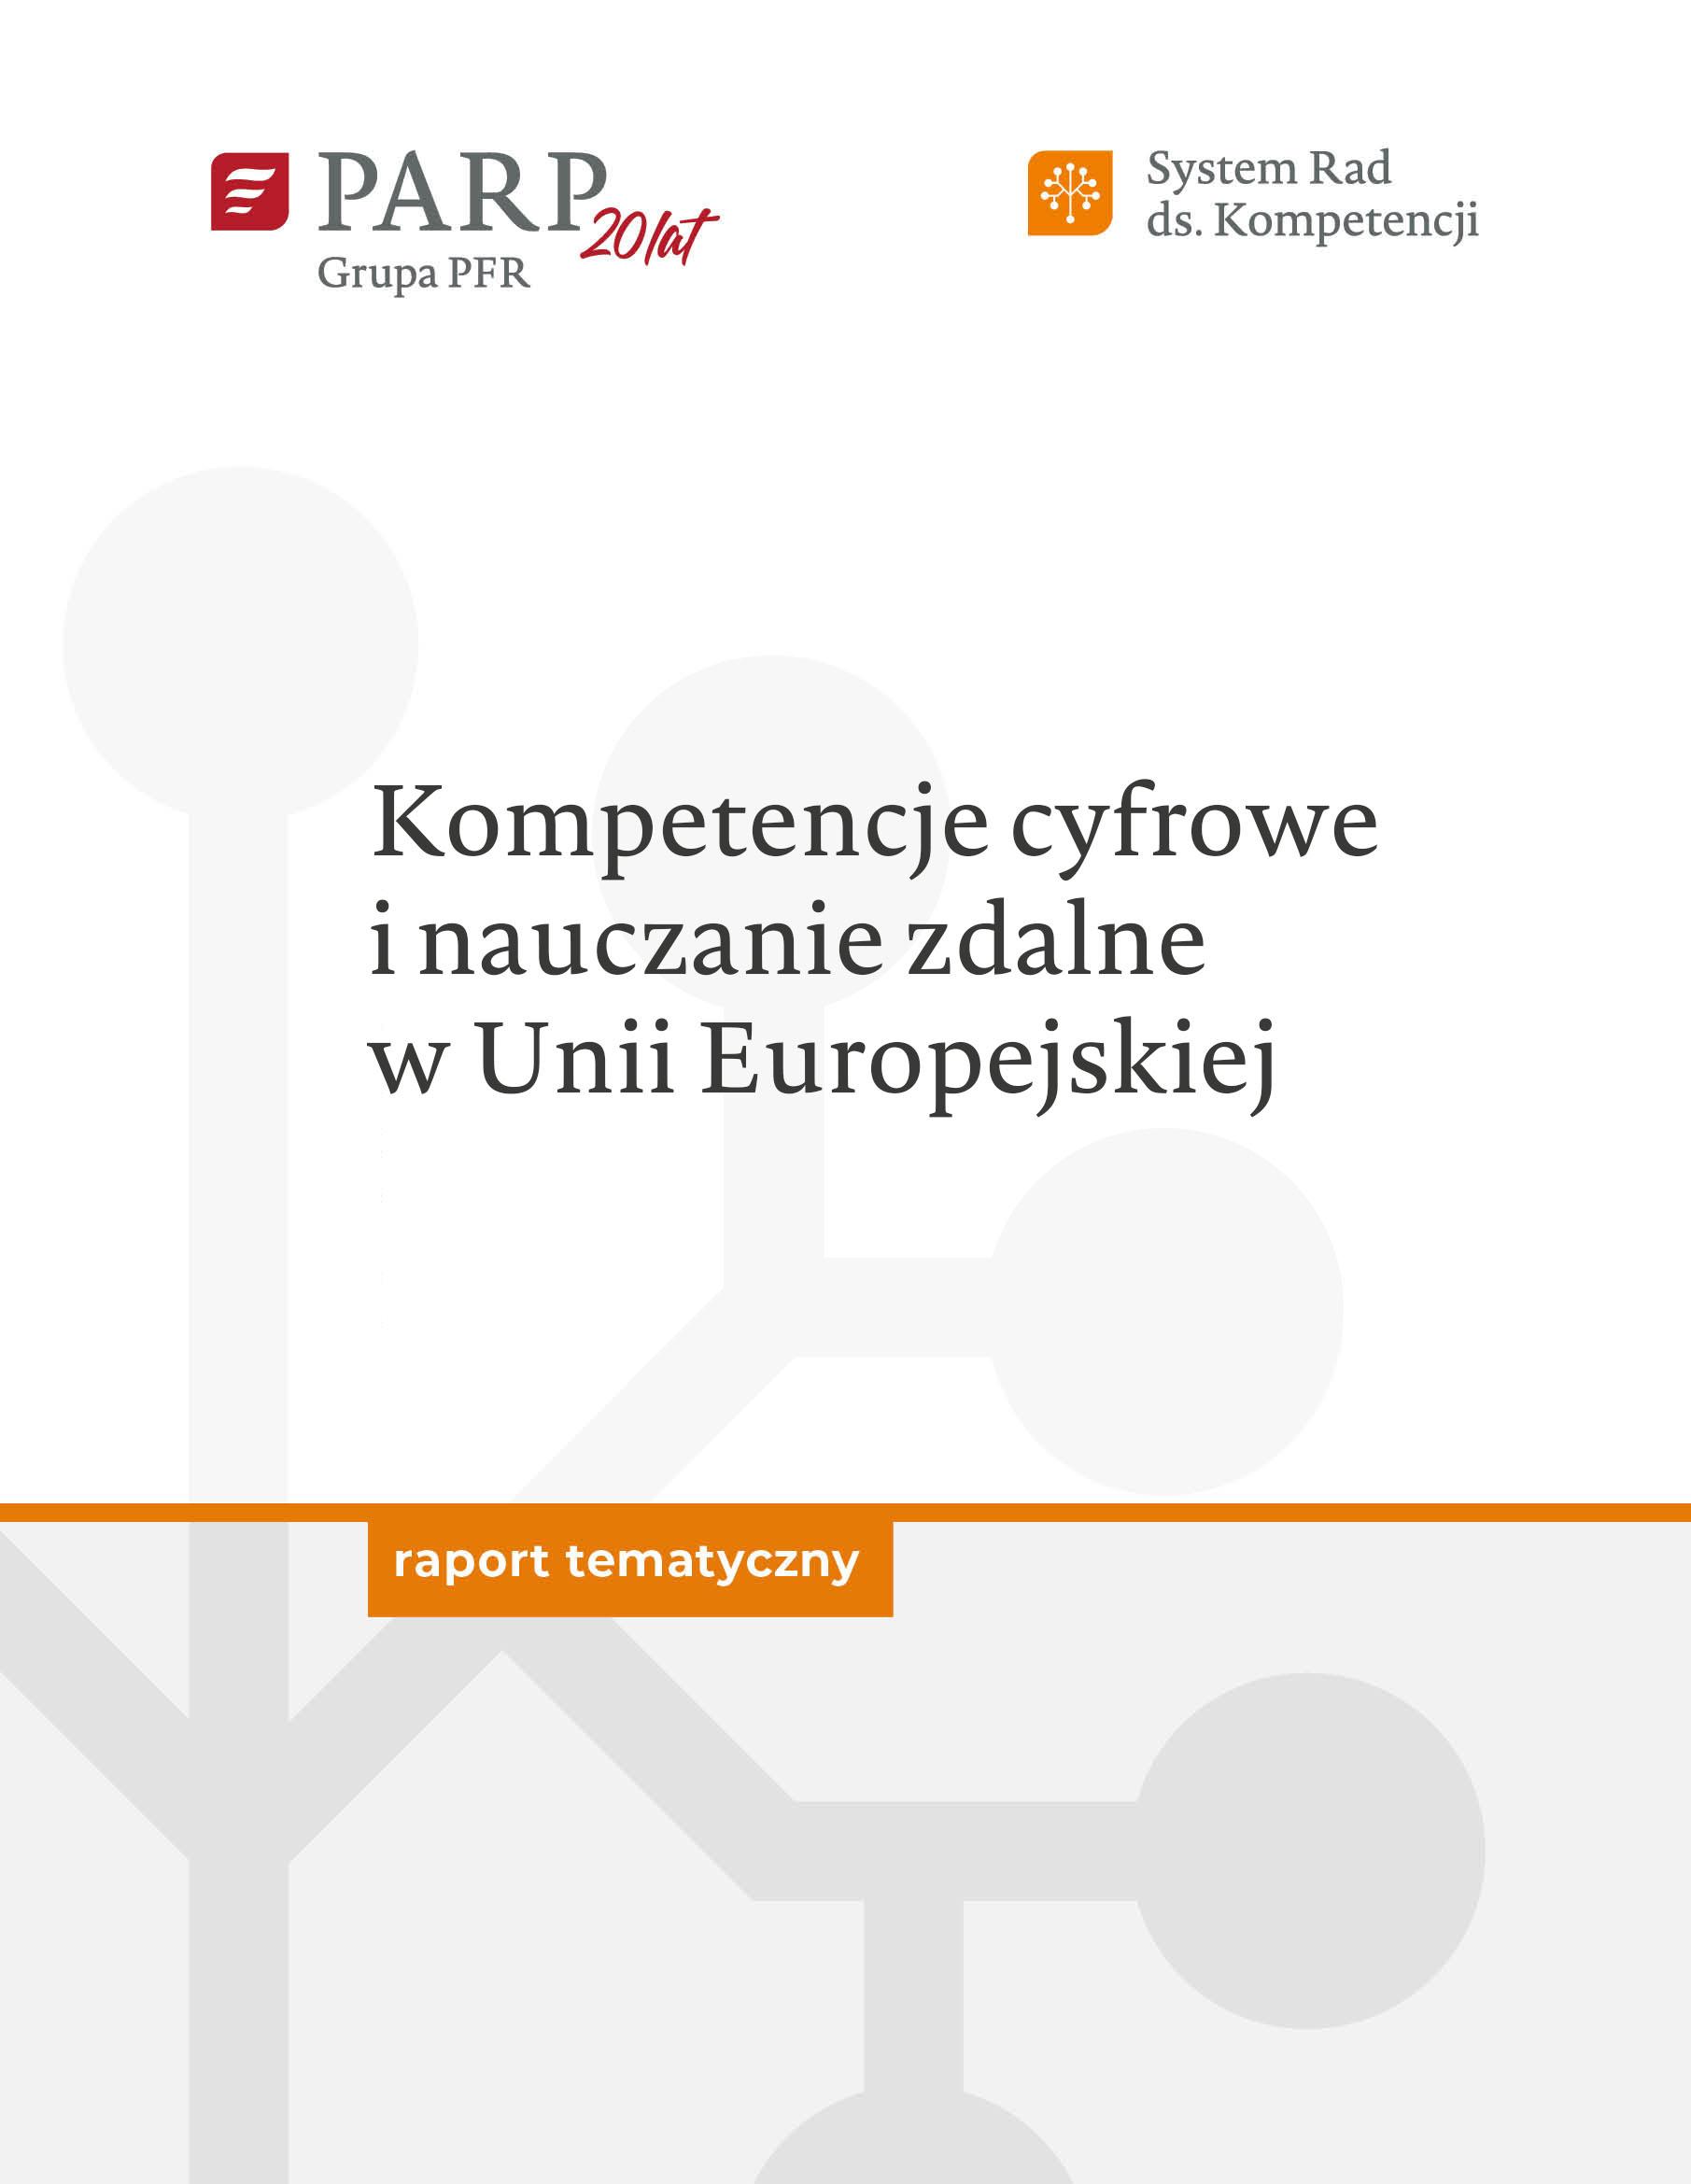 Kompetencje cyfrowe i nauczanie zdalne w Unii Europejskiej